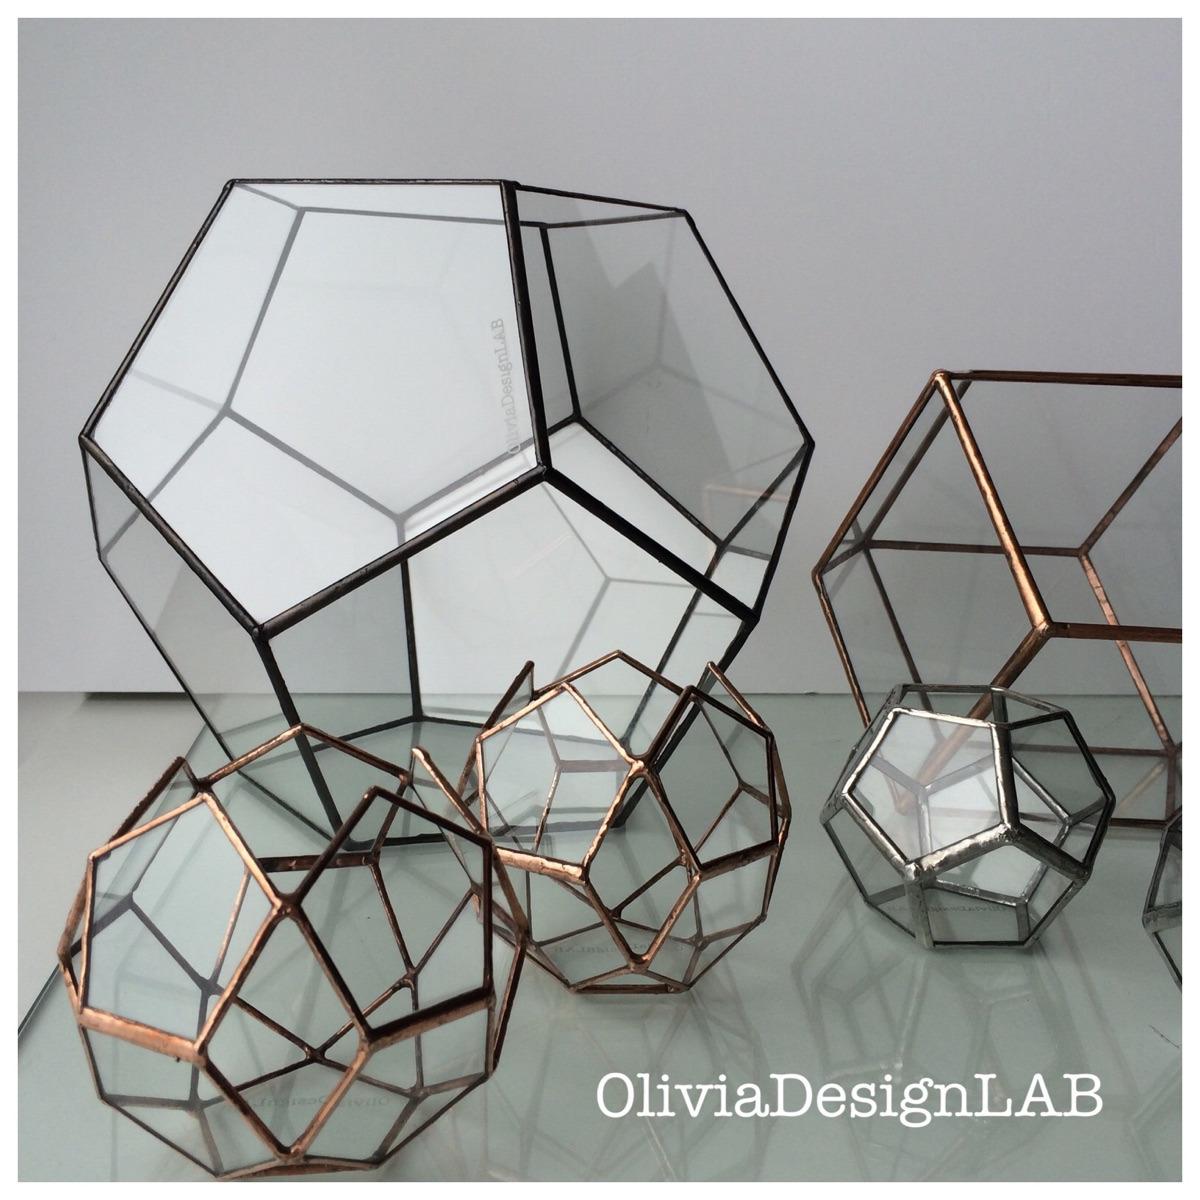 OliviaDesignLAB (@oliviadesignlab) Cover Image